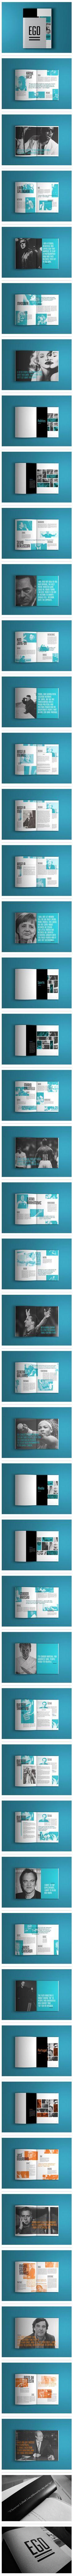 EGO: black & white & turquoise | typography / graphic design: EGO Editorial Design, collaboration David Salgado, Mariana Perfeito |: